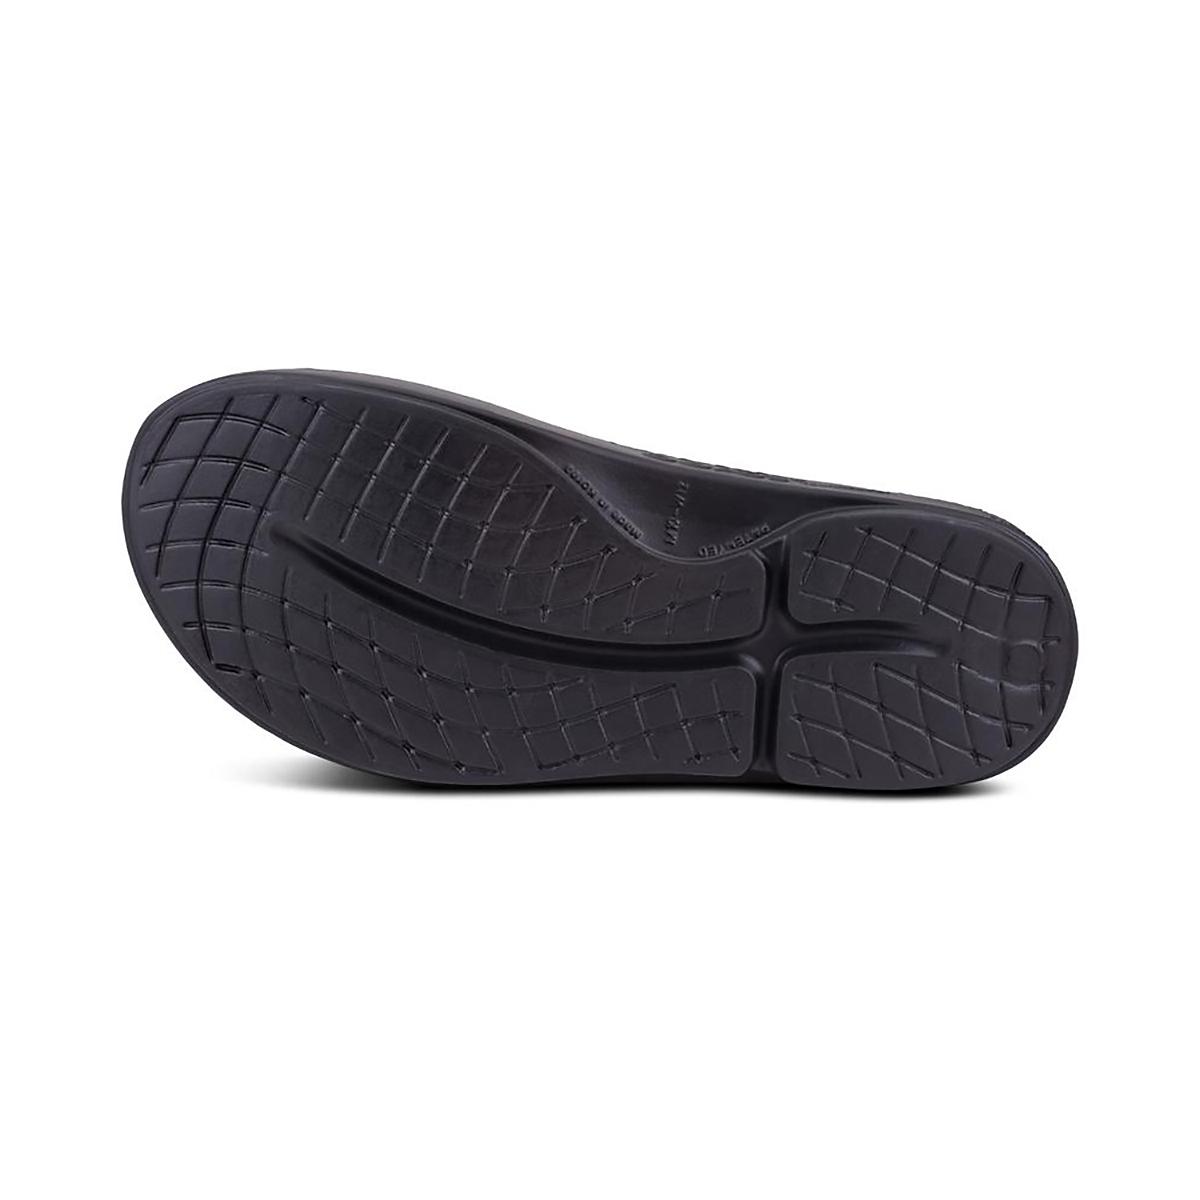 Oofos OOahh Sport Slide Recovery Sandal - Color: Black/Matte - Size: M3/W4.5 - Width: Regular, Black/Matte, large, image 3